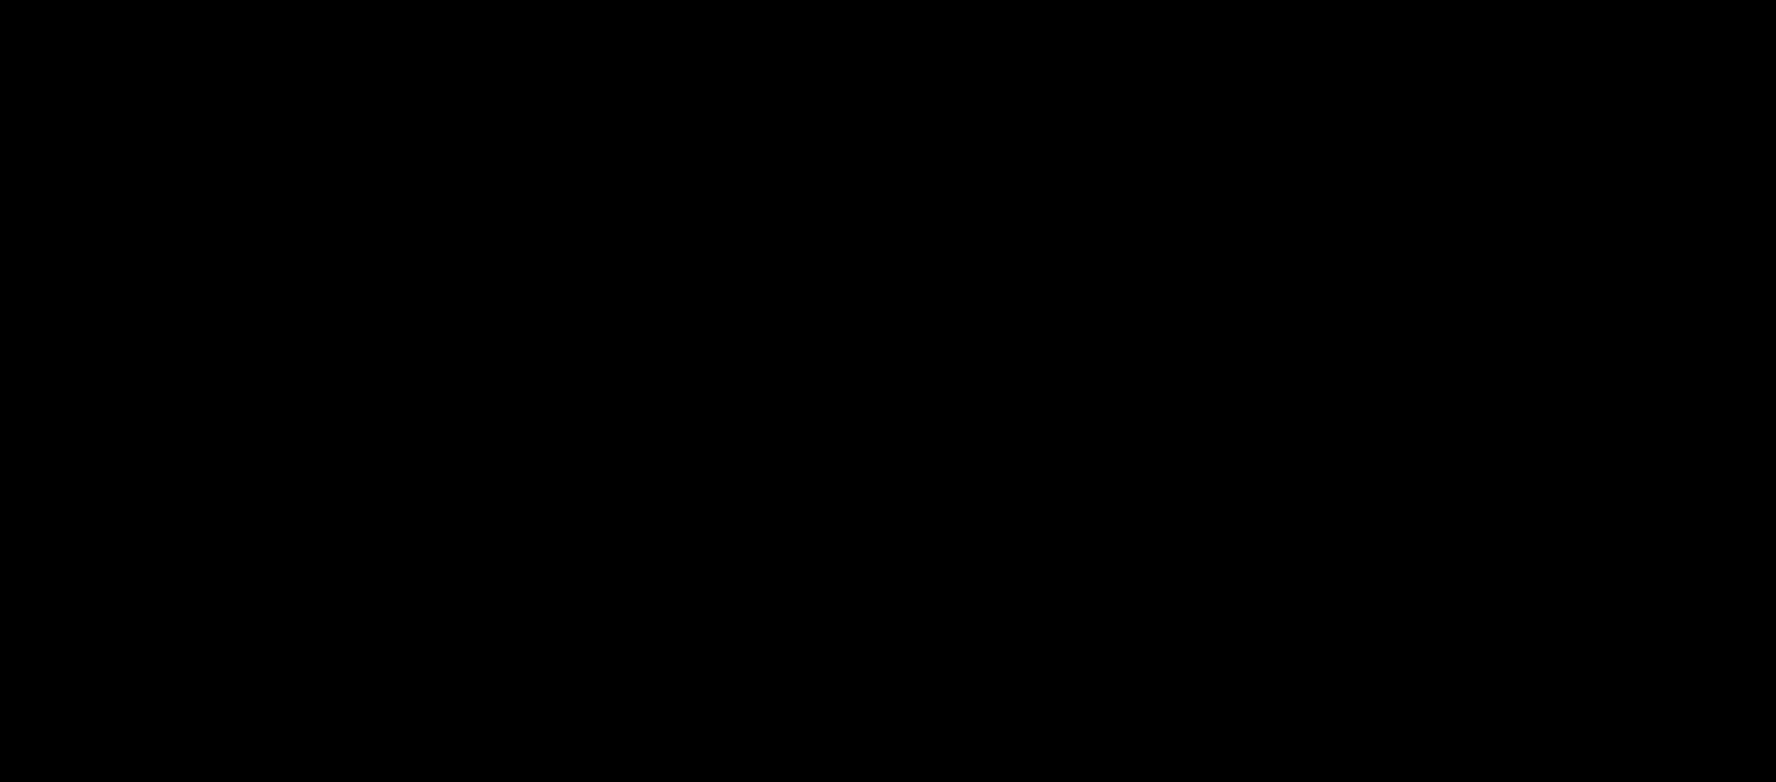 N-Methyl-d<sub>3</sub>-N-biotinyl glycine methyl ester